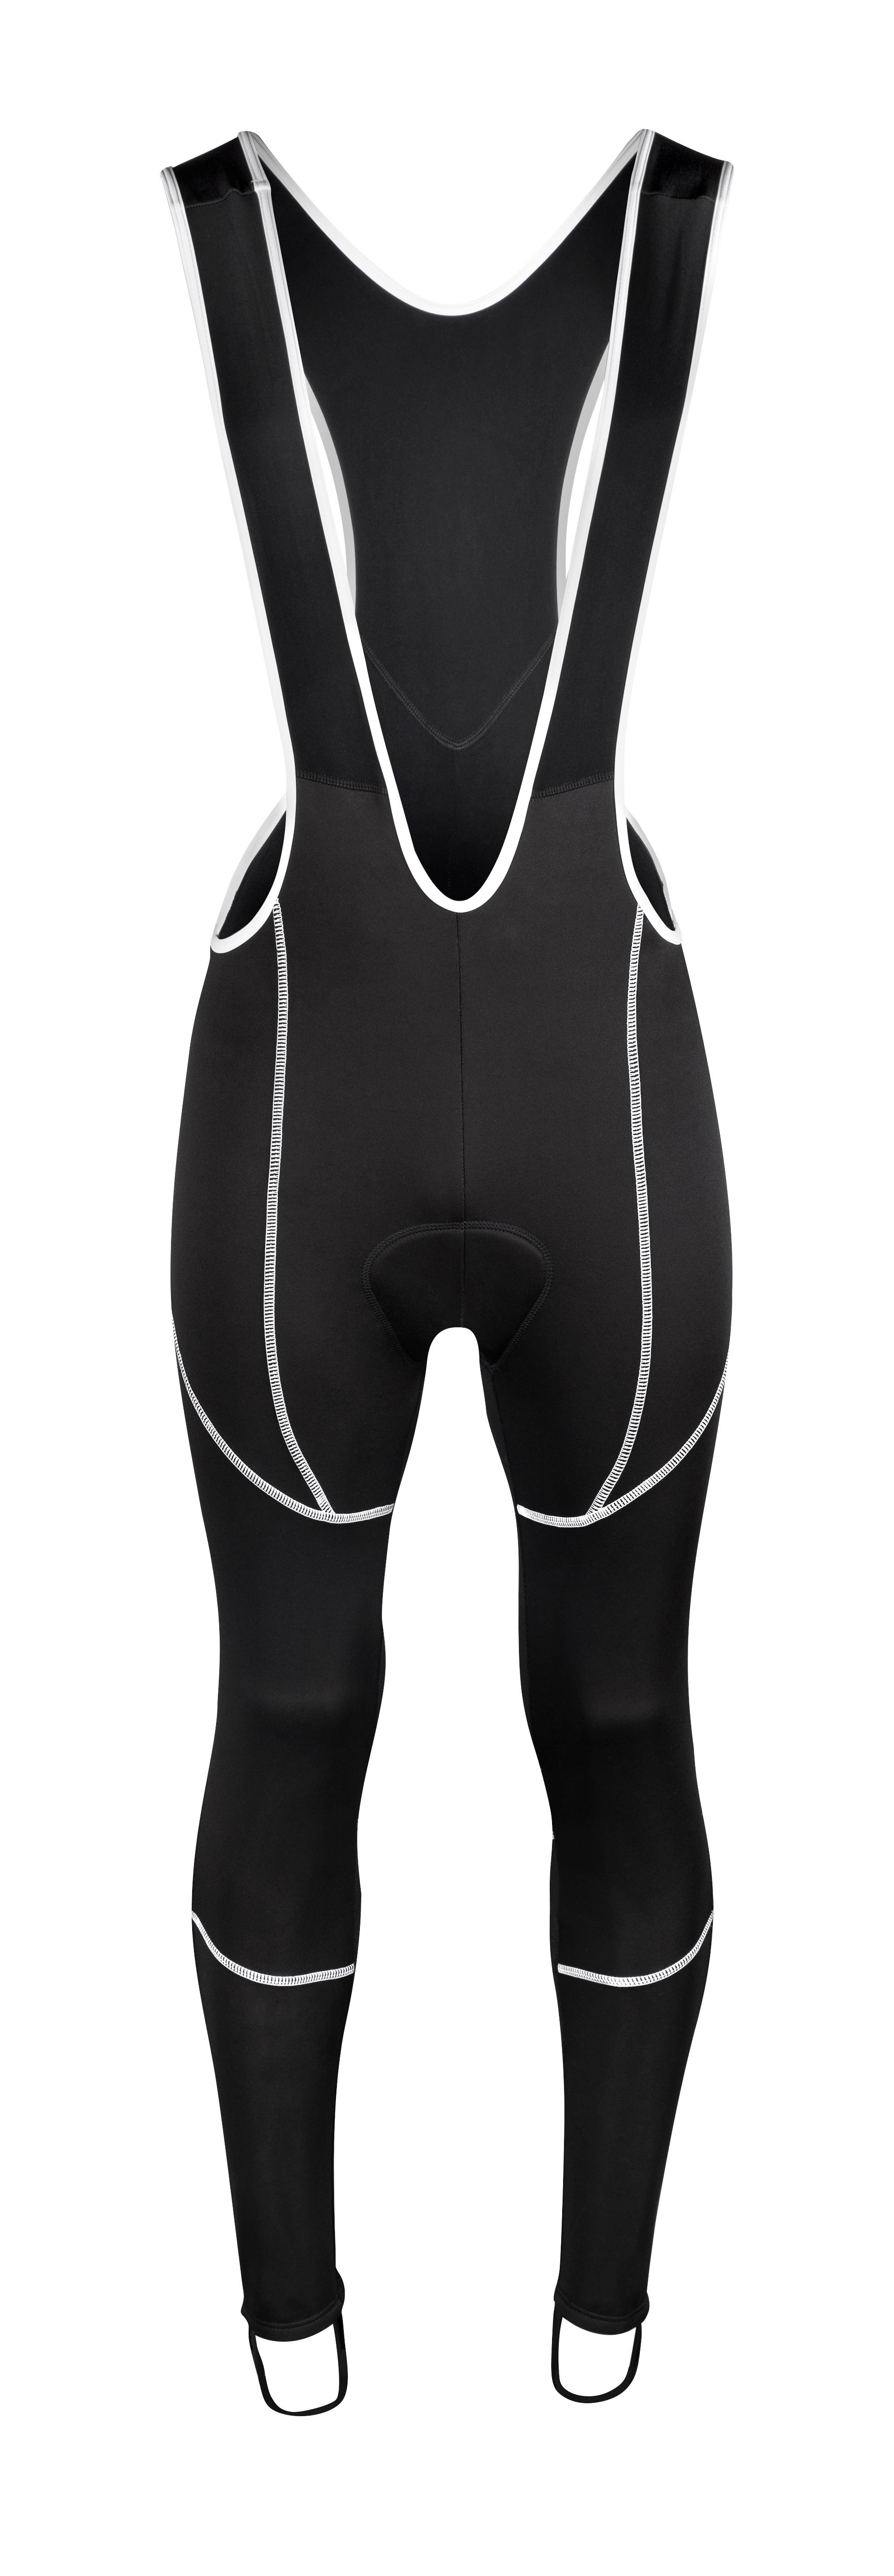 kalhoty FORCE Z70 se šráky s vložkou, černé XXXL